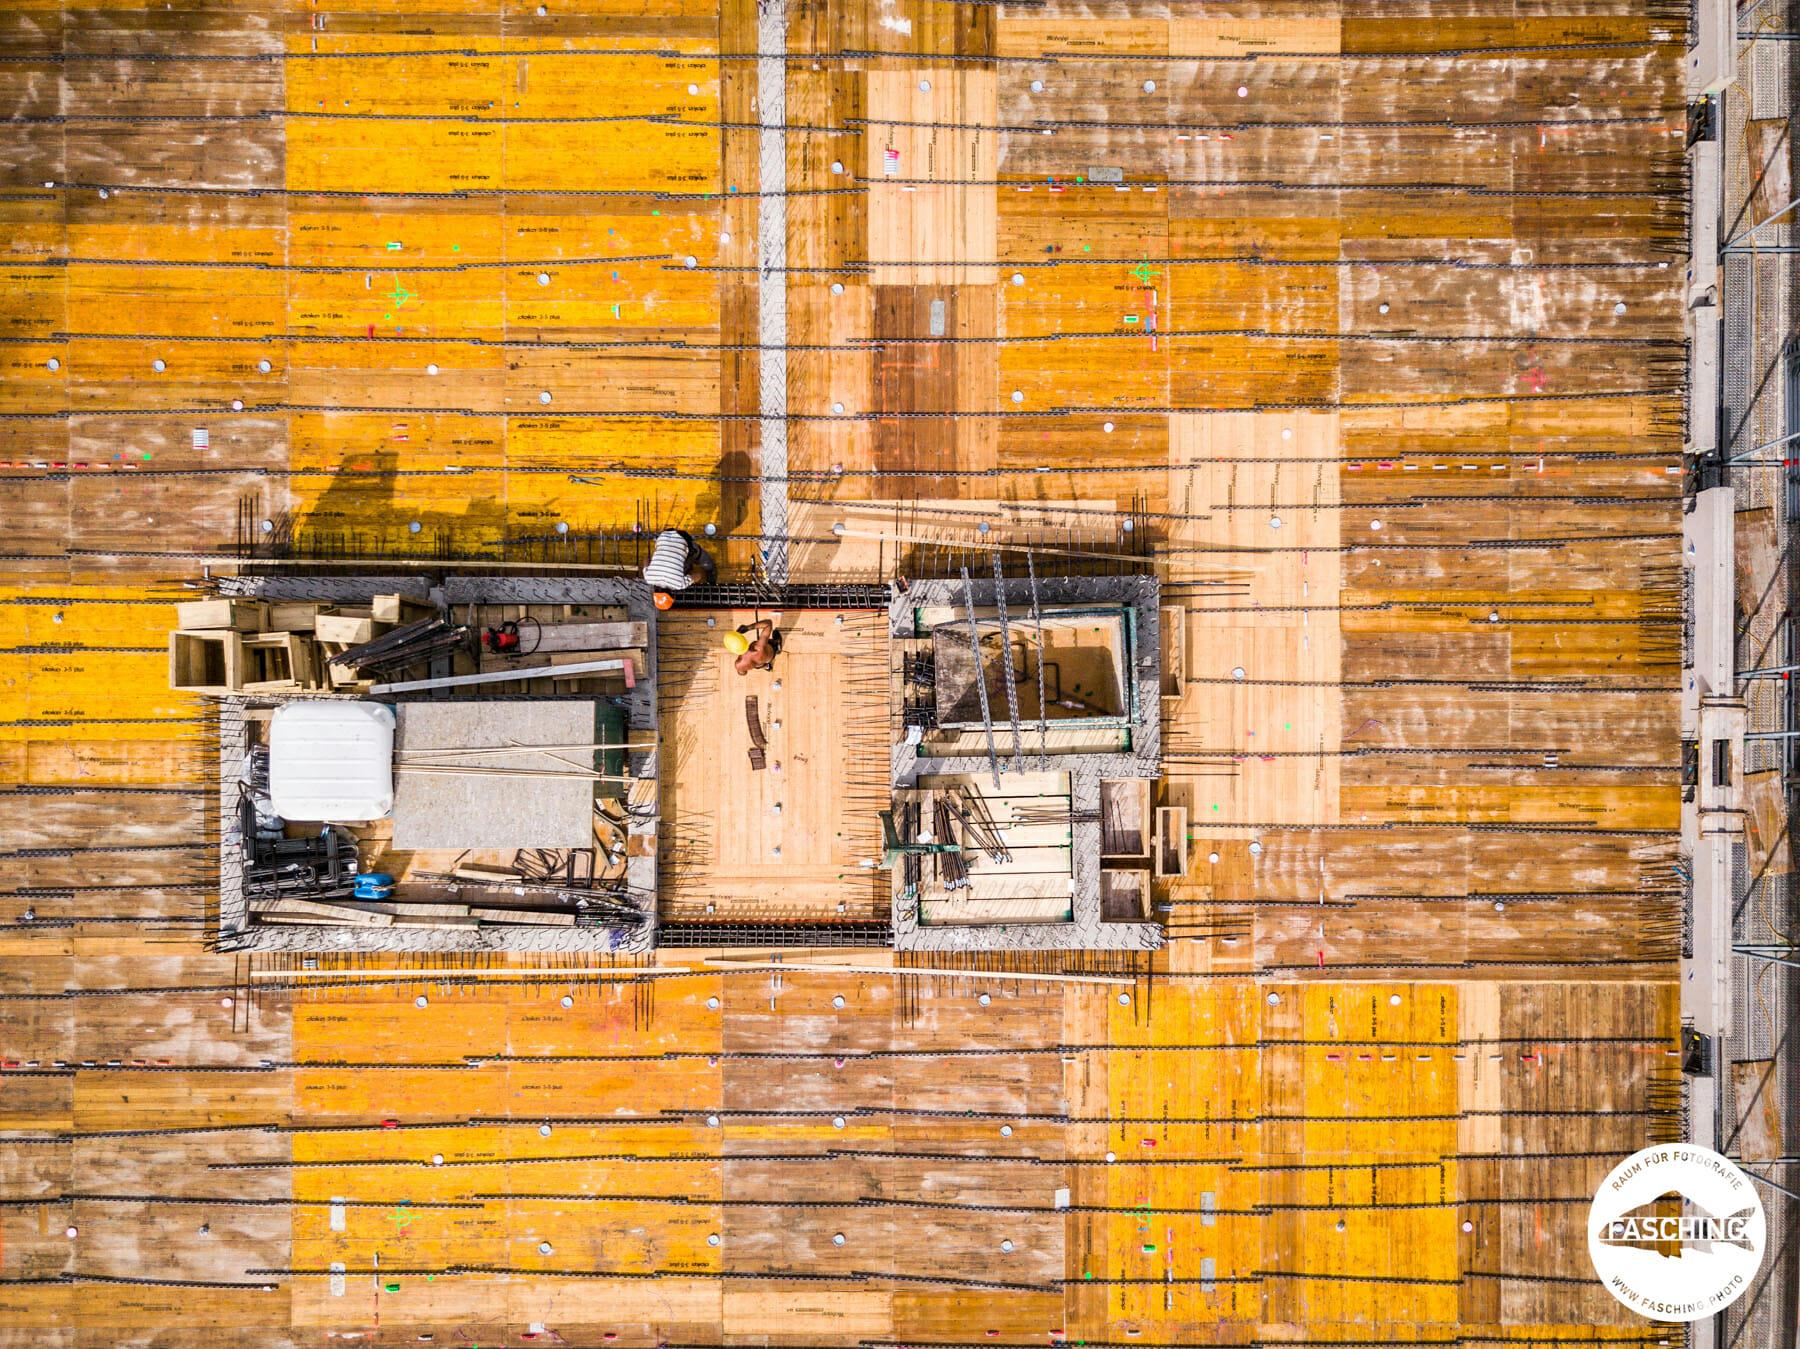 Drohnenfotografie von Luca Fasching